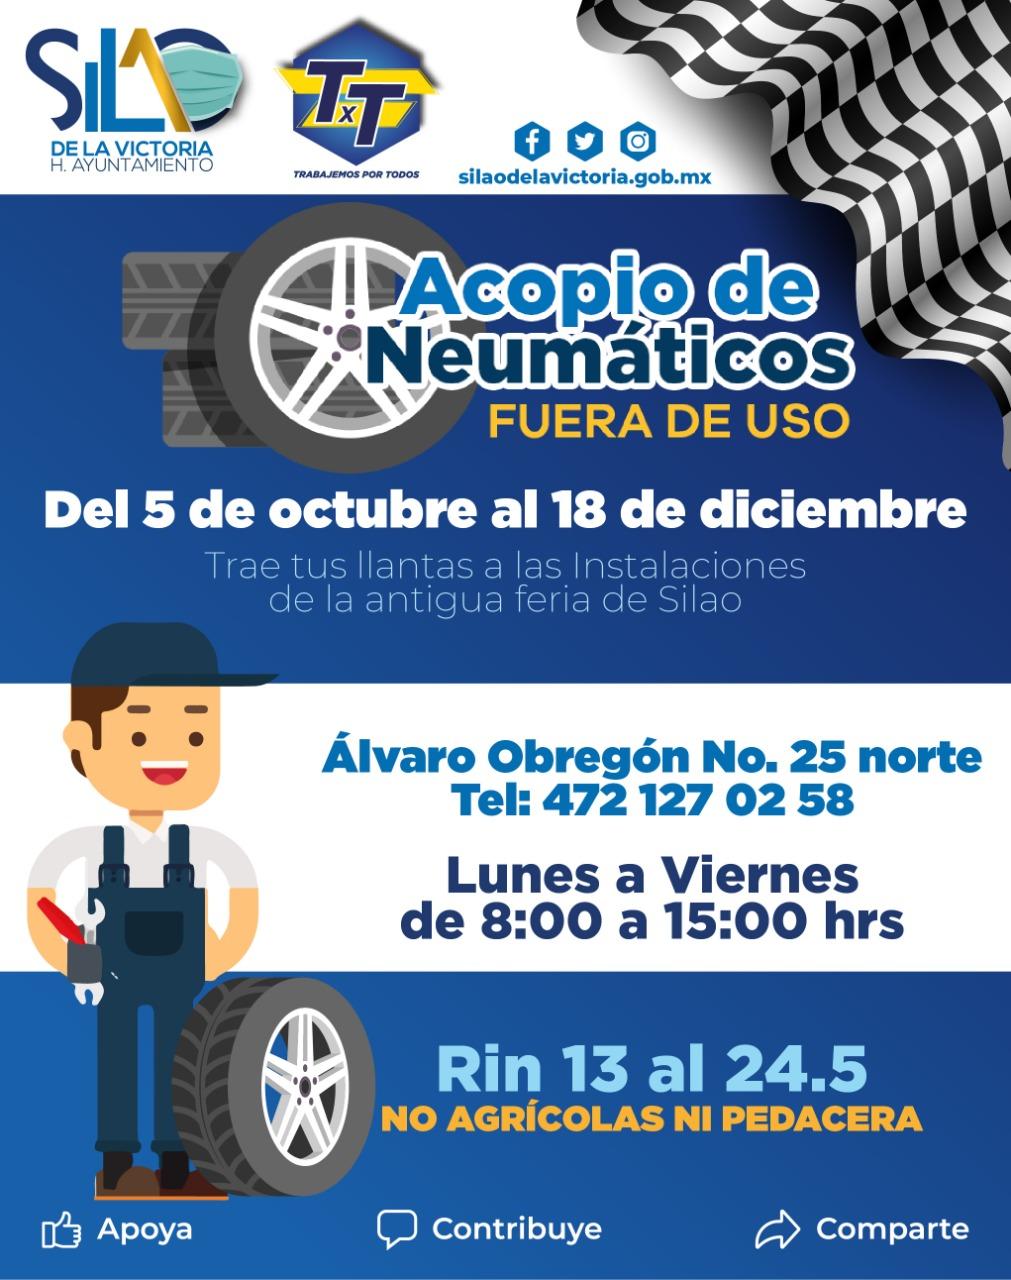 Invitan a participar a campañas de acopio de neumáticos y electrónicos